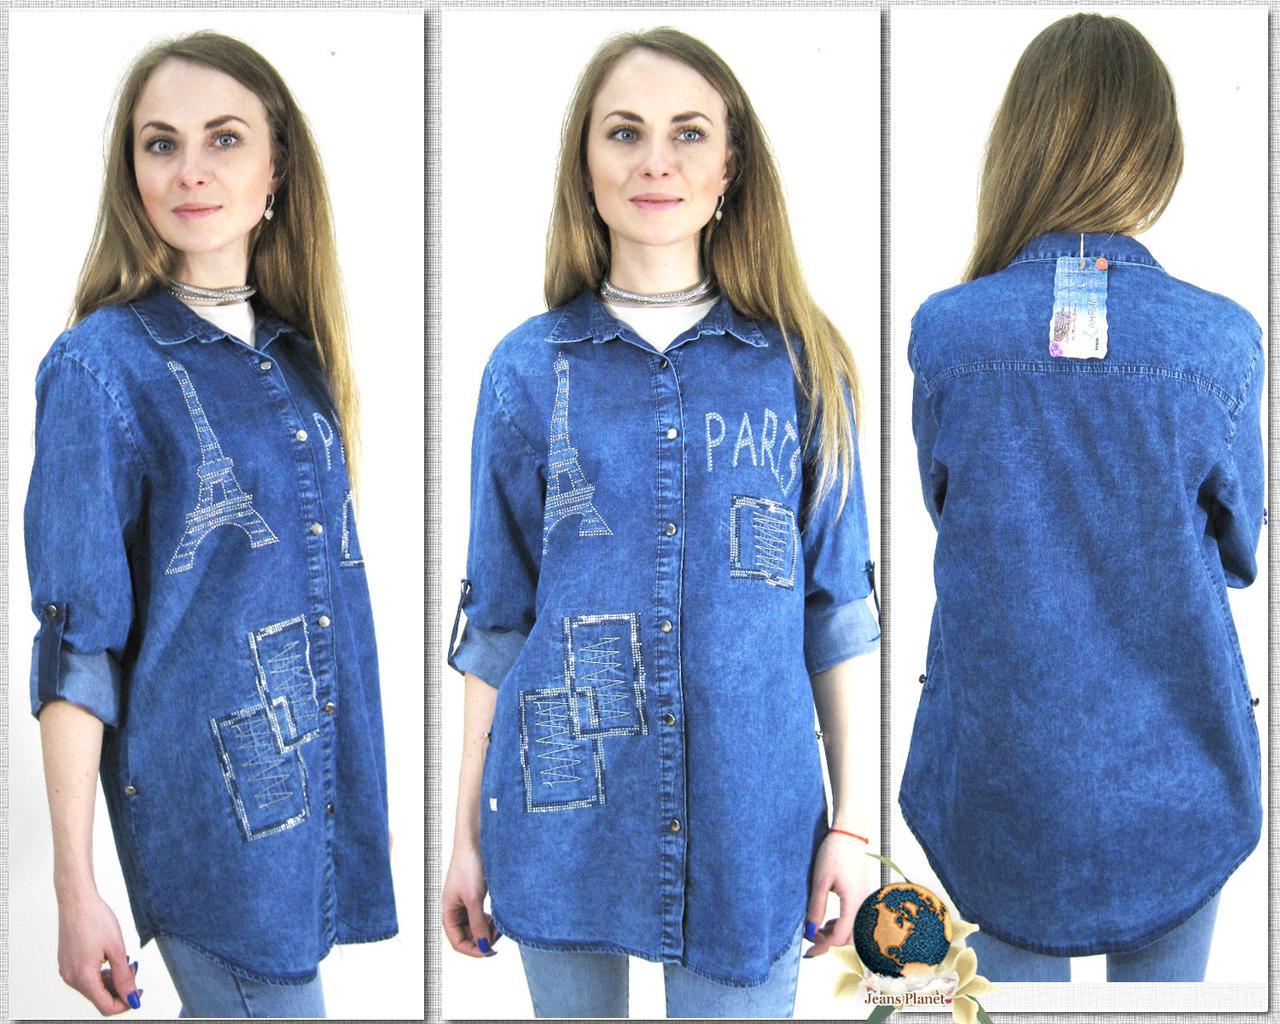 Модна жіноча джинсова сорочка-туніка батального розміру Paris